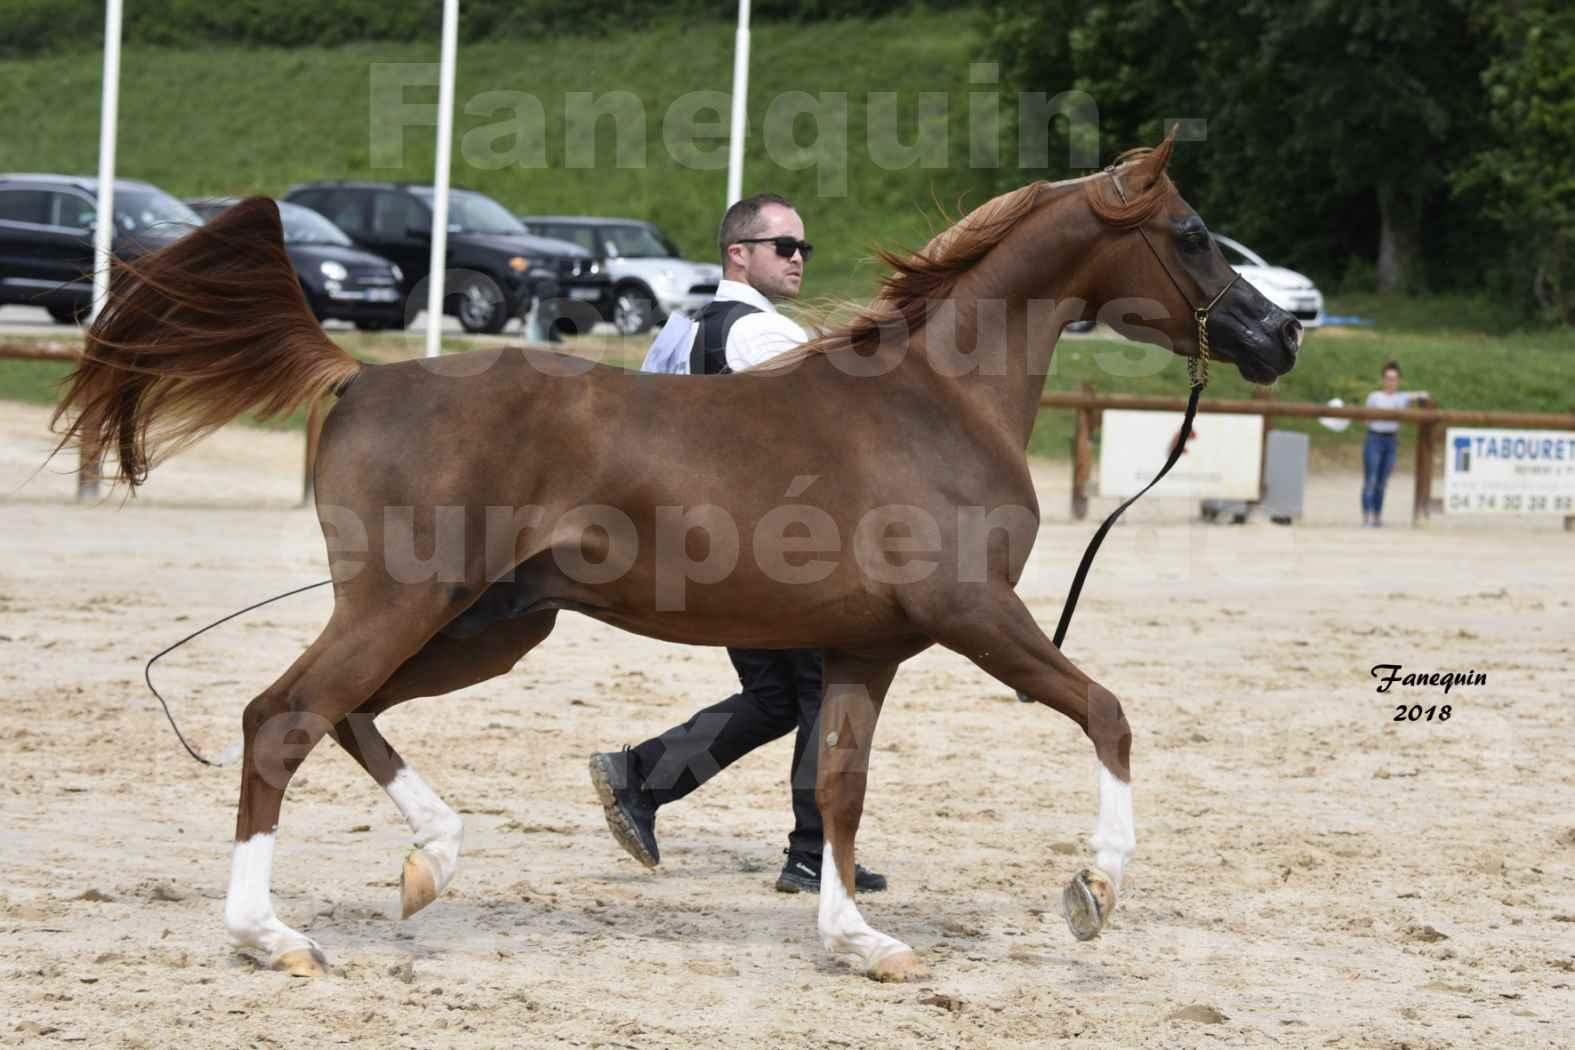 Concours Européen de chevaux Arabes à Chazey sur Ain 2018 - FANTASTIK - Notre Sélection - 1